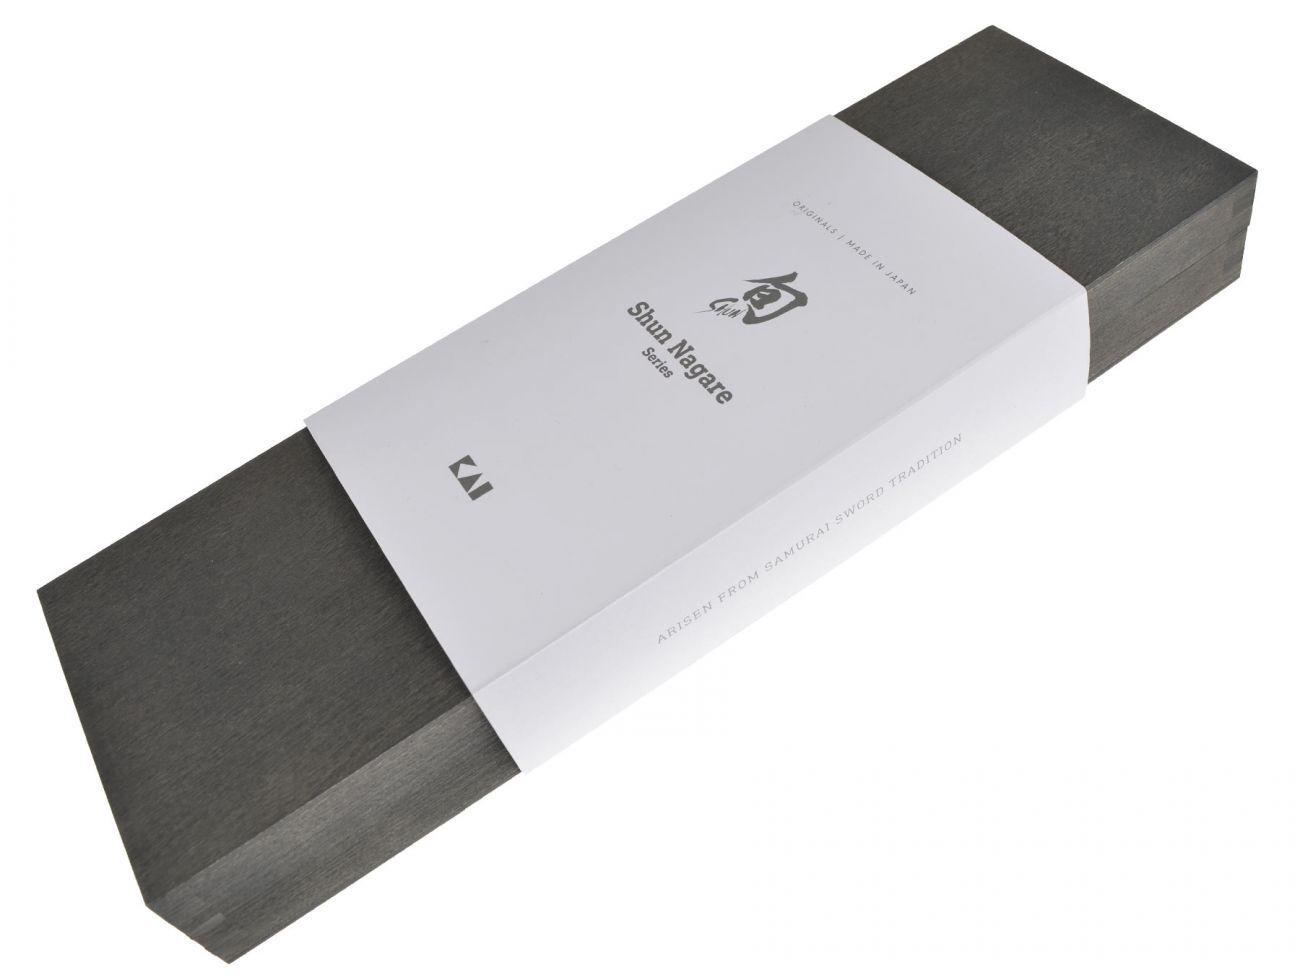 KAI KAI KAI Shun Nagare NDC-0705 Brotmesser Küchenmesser Damaststahl Damaszener 23 cm  | Spielzeug mit kindlichen Herzen herstellen  5d38b4